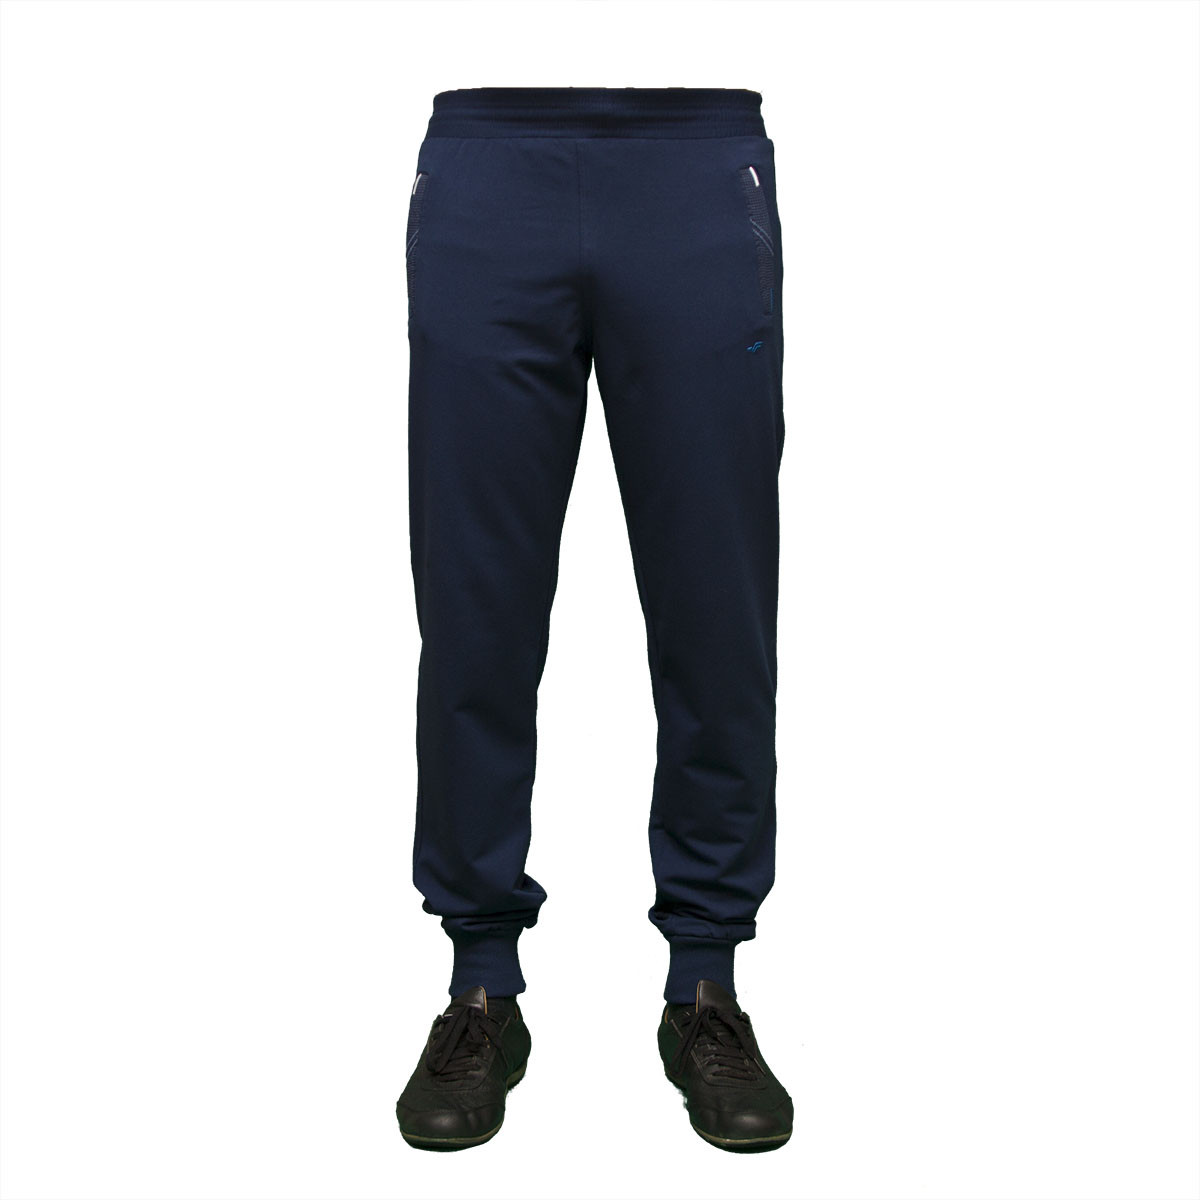 Спортивные штаны мужские на манжете Турция  тм. FORE  9419